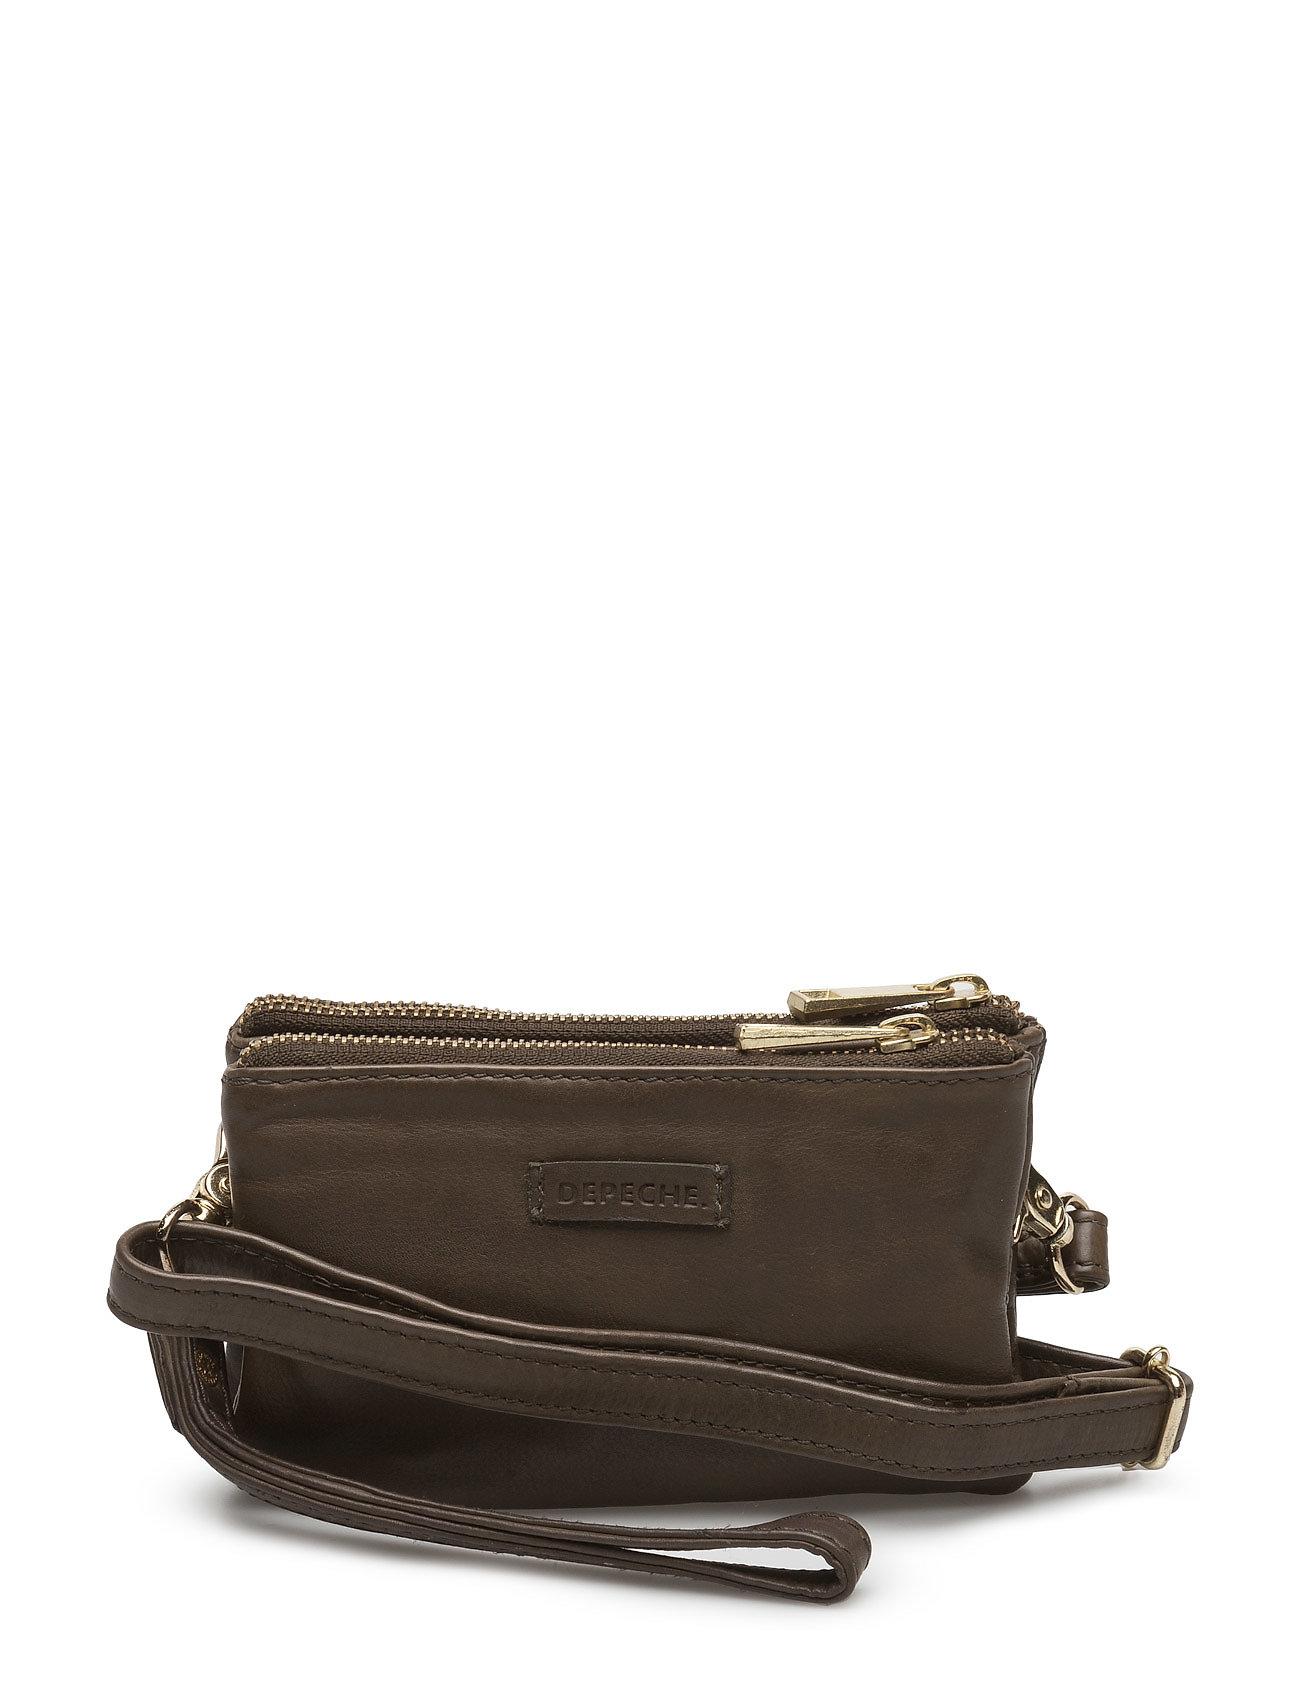 Golden Deluxe Small Bag / Clutch DEPECHE Små tasker til Damer i